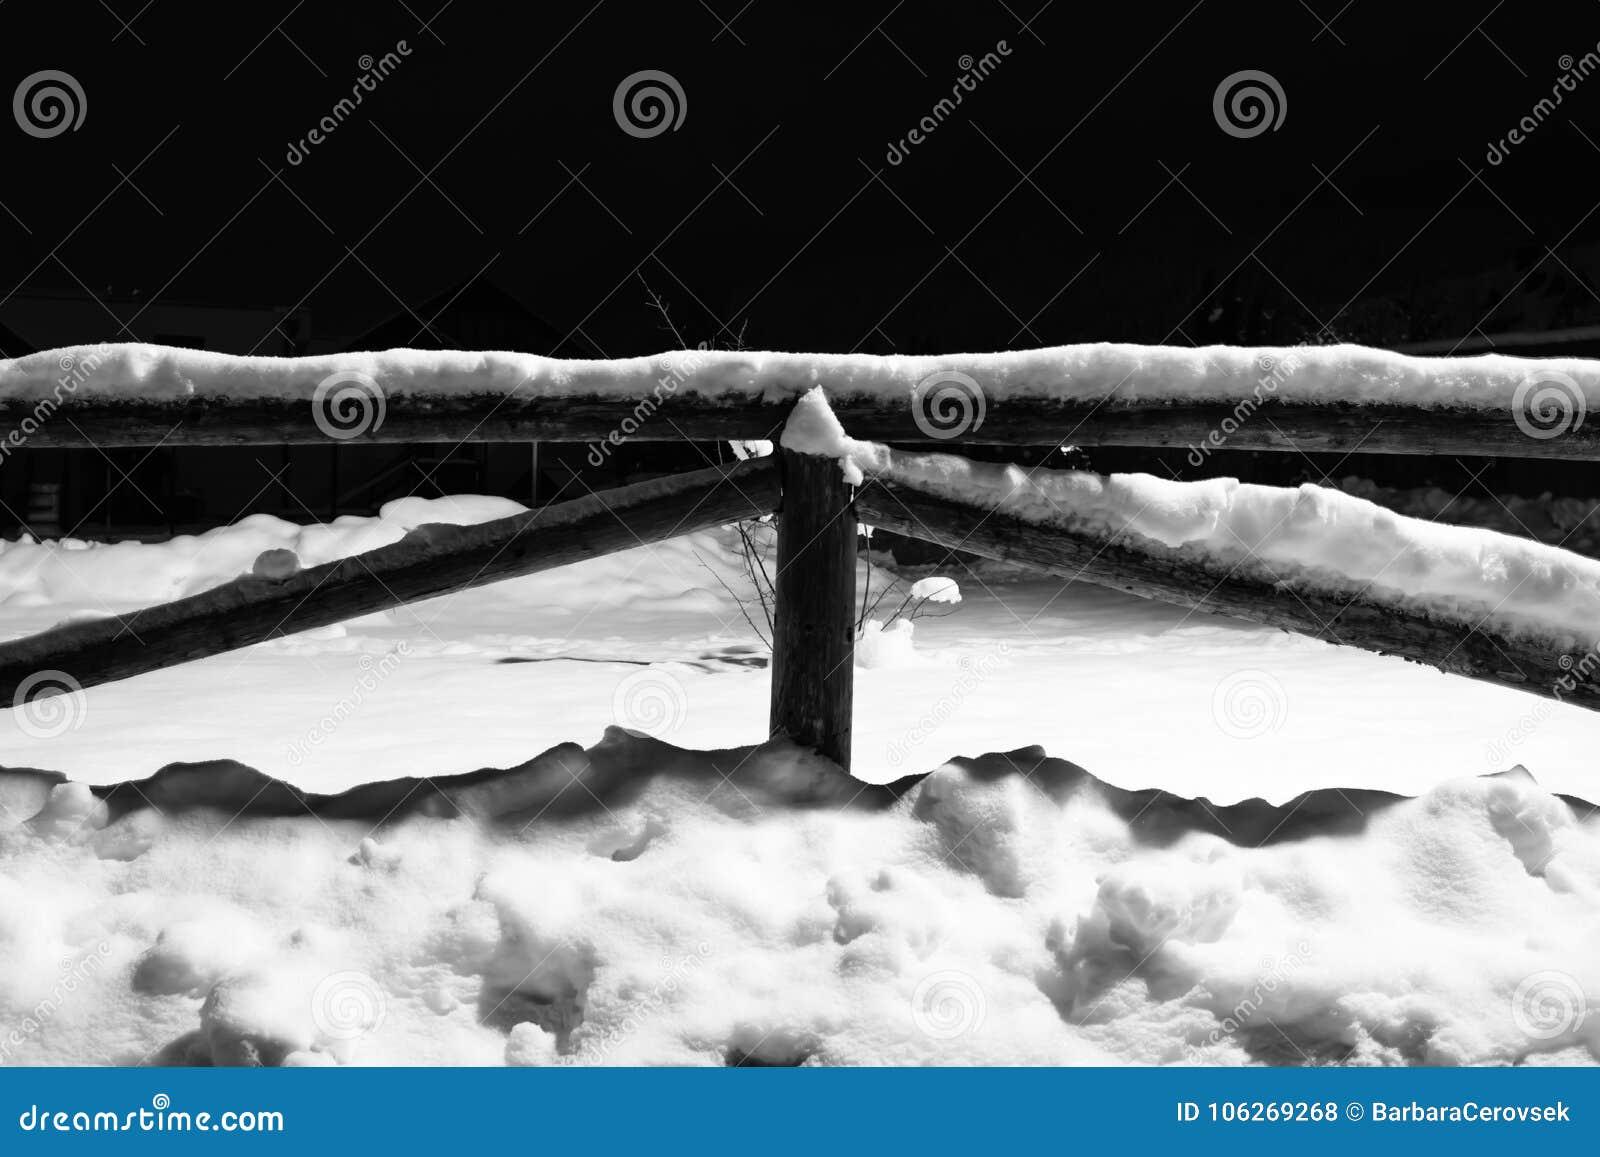 Neige tombée par hiver sur le motif en bois de barrière la nuit